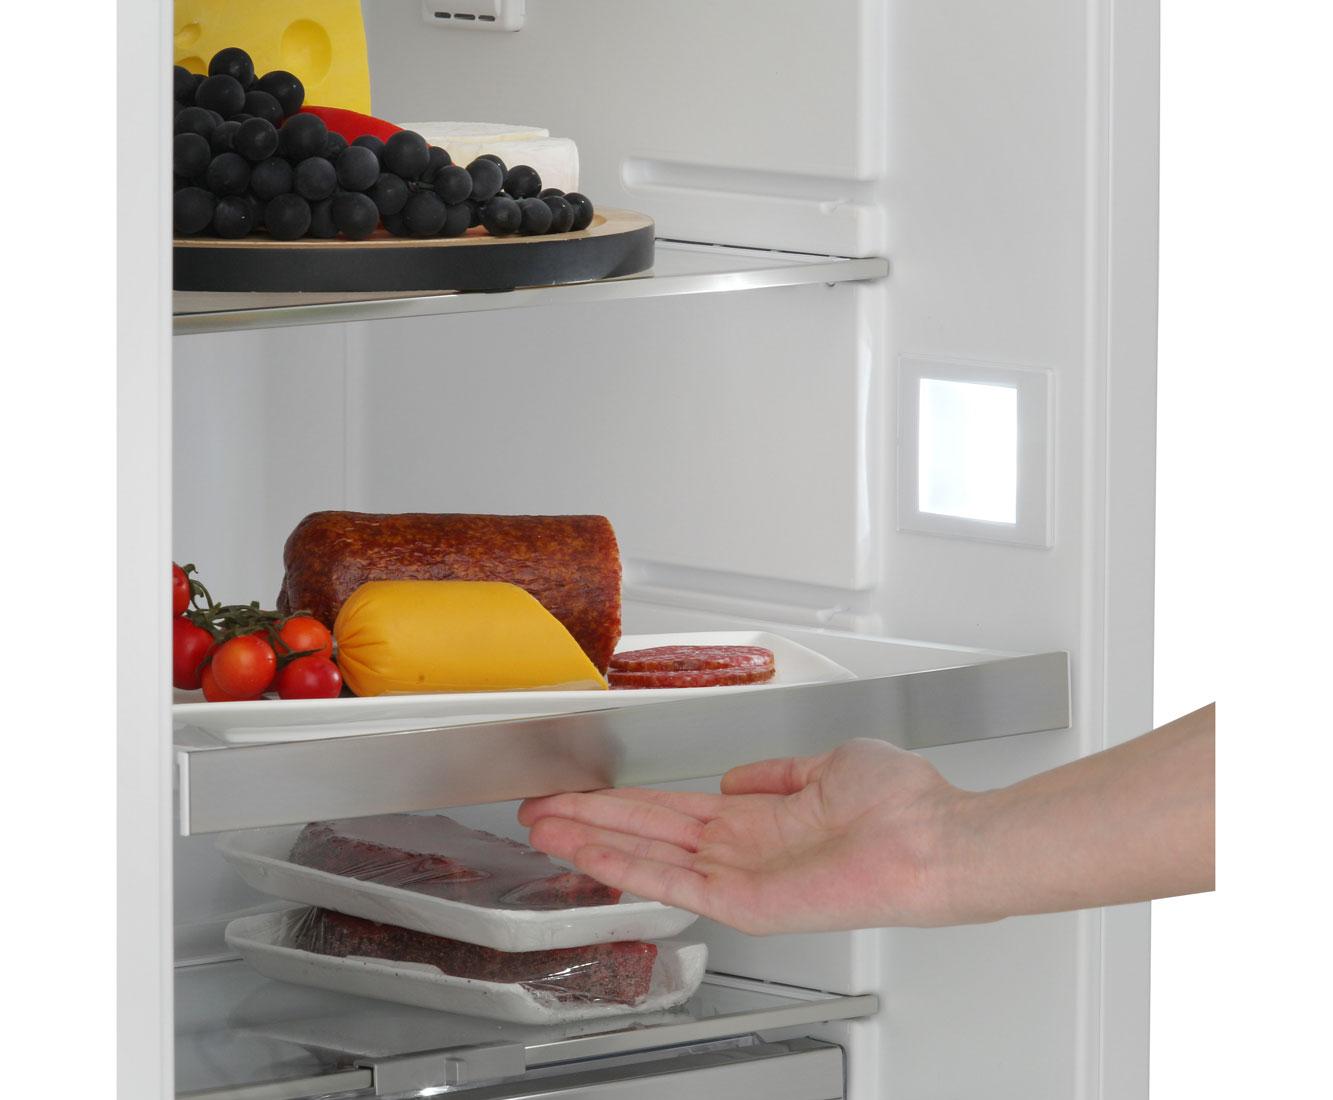 Bosch Kühlschrank Holiday Taste : Siemens ki87sad40 einbau kühl gefrierkombination 178er nische